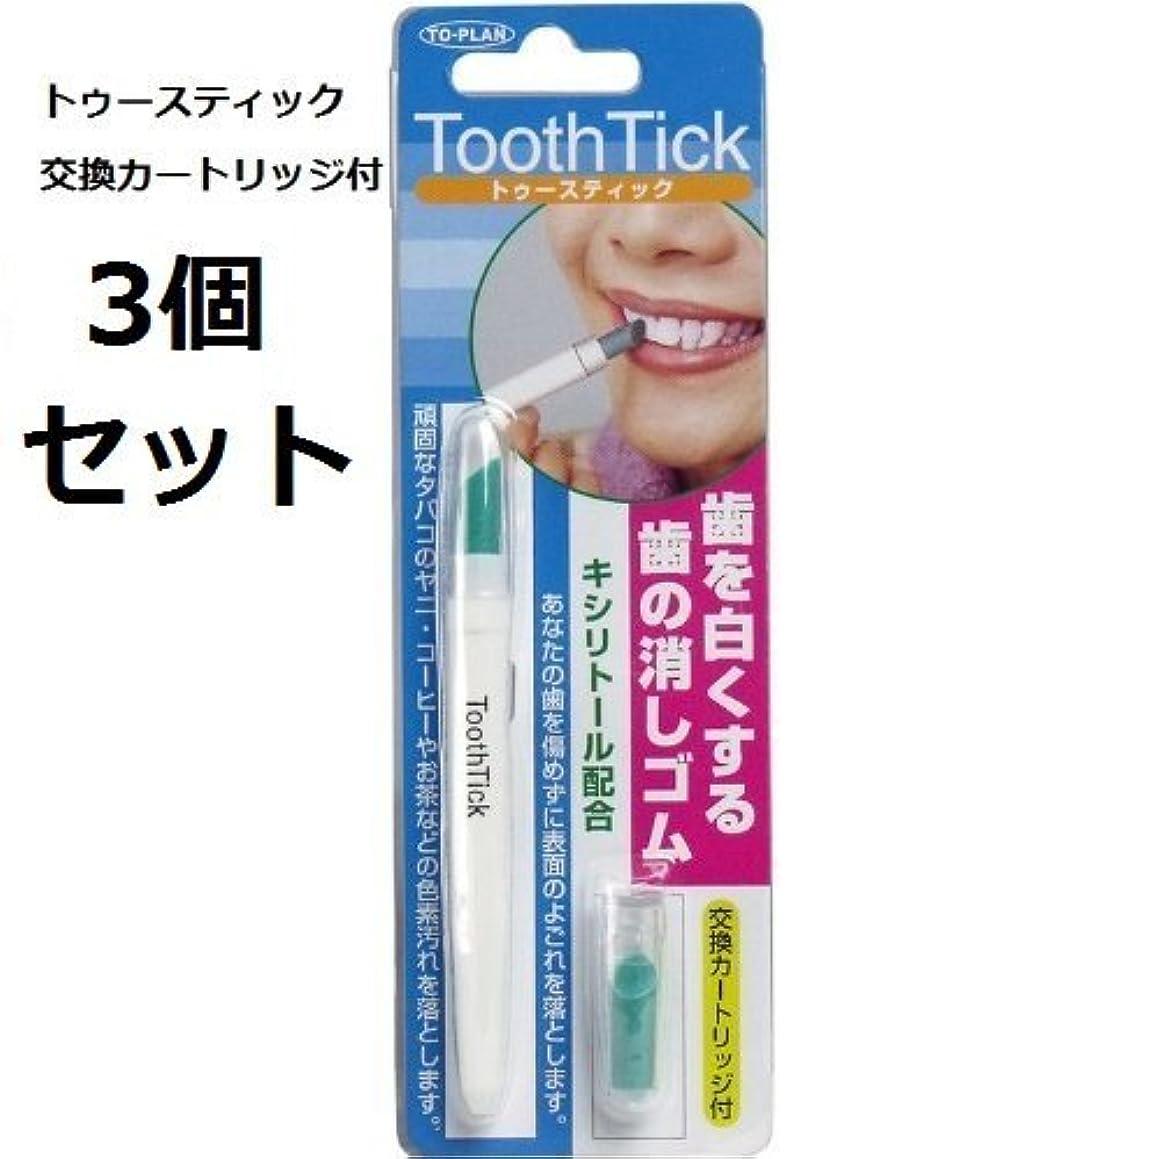 残忍な花弁特許歯を白くする歯の消しゴム トゥースティック 交換カートリッジ付 3個セット